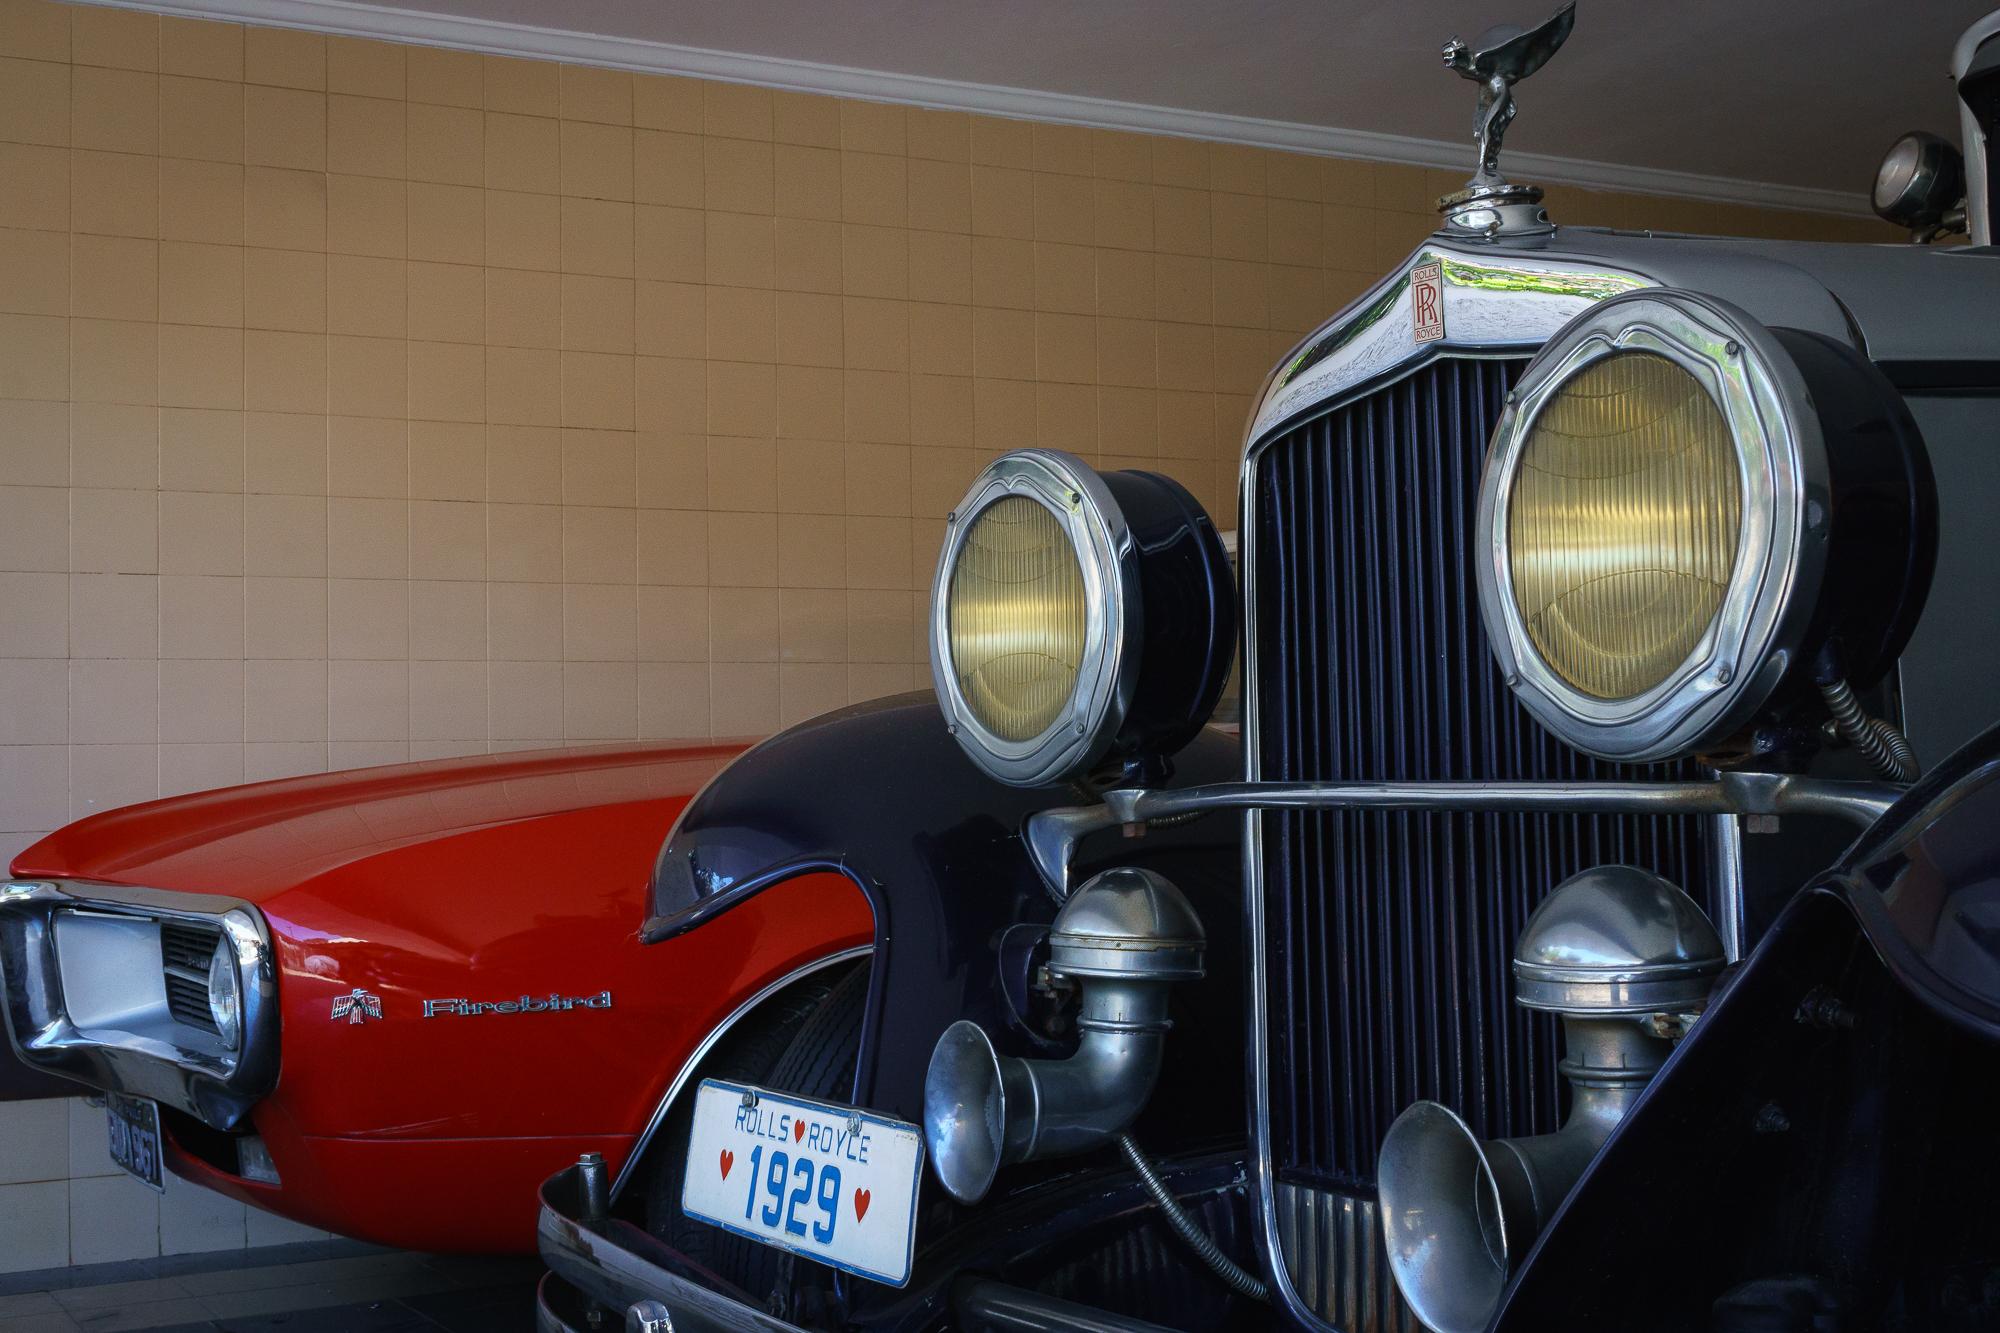 Rolls Royce and Firebird